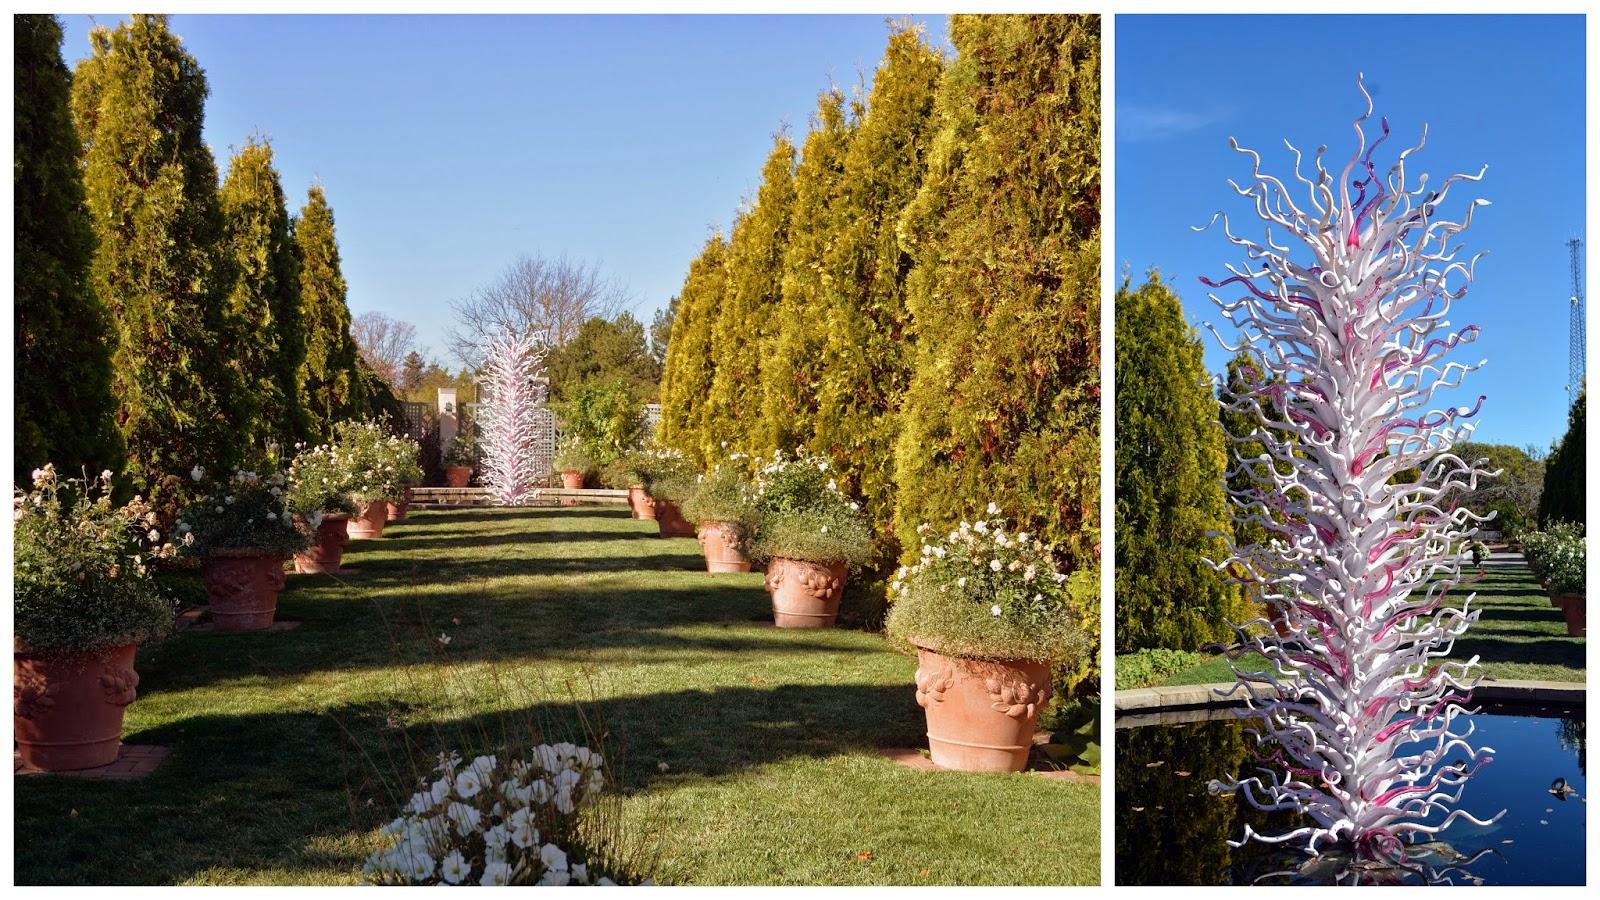 Chihuly Exhibit Denver Botanical Garden Images